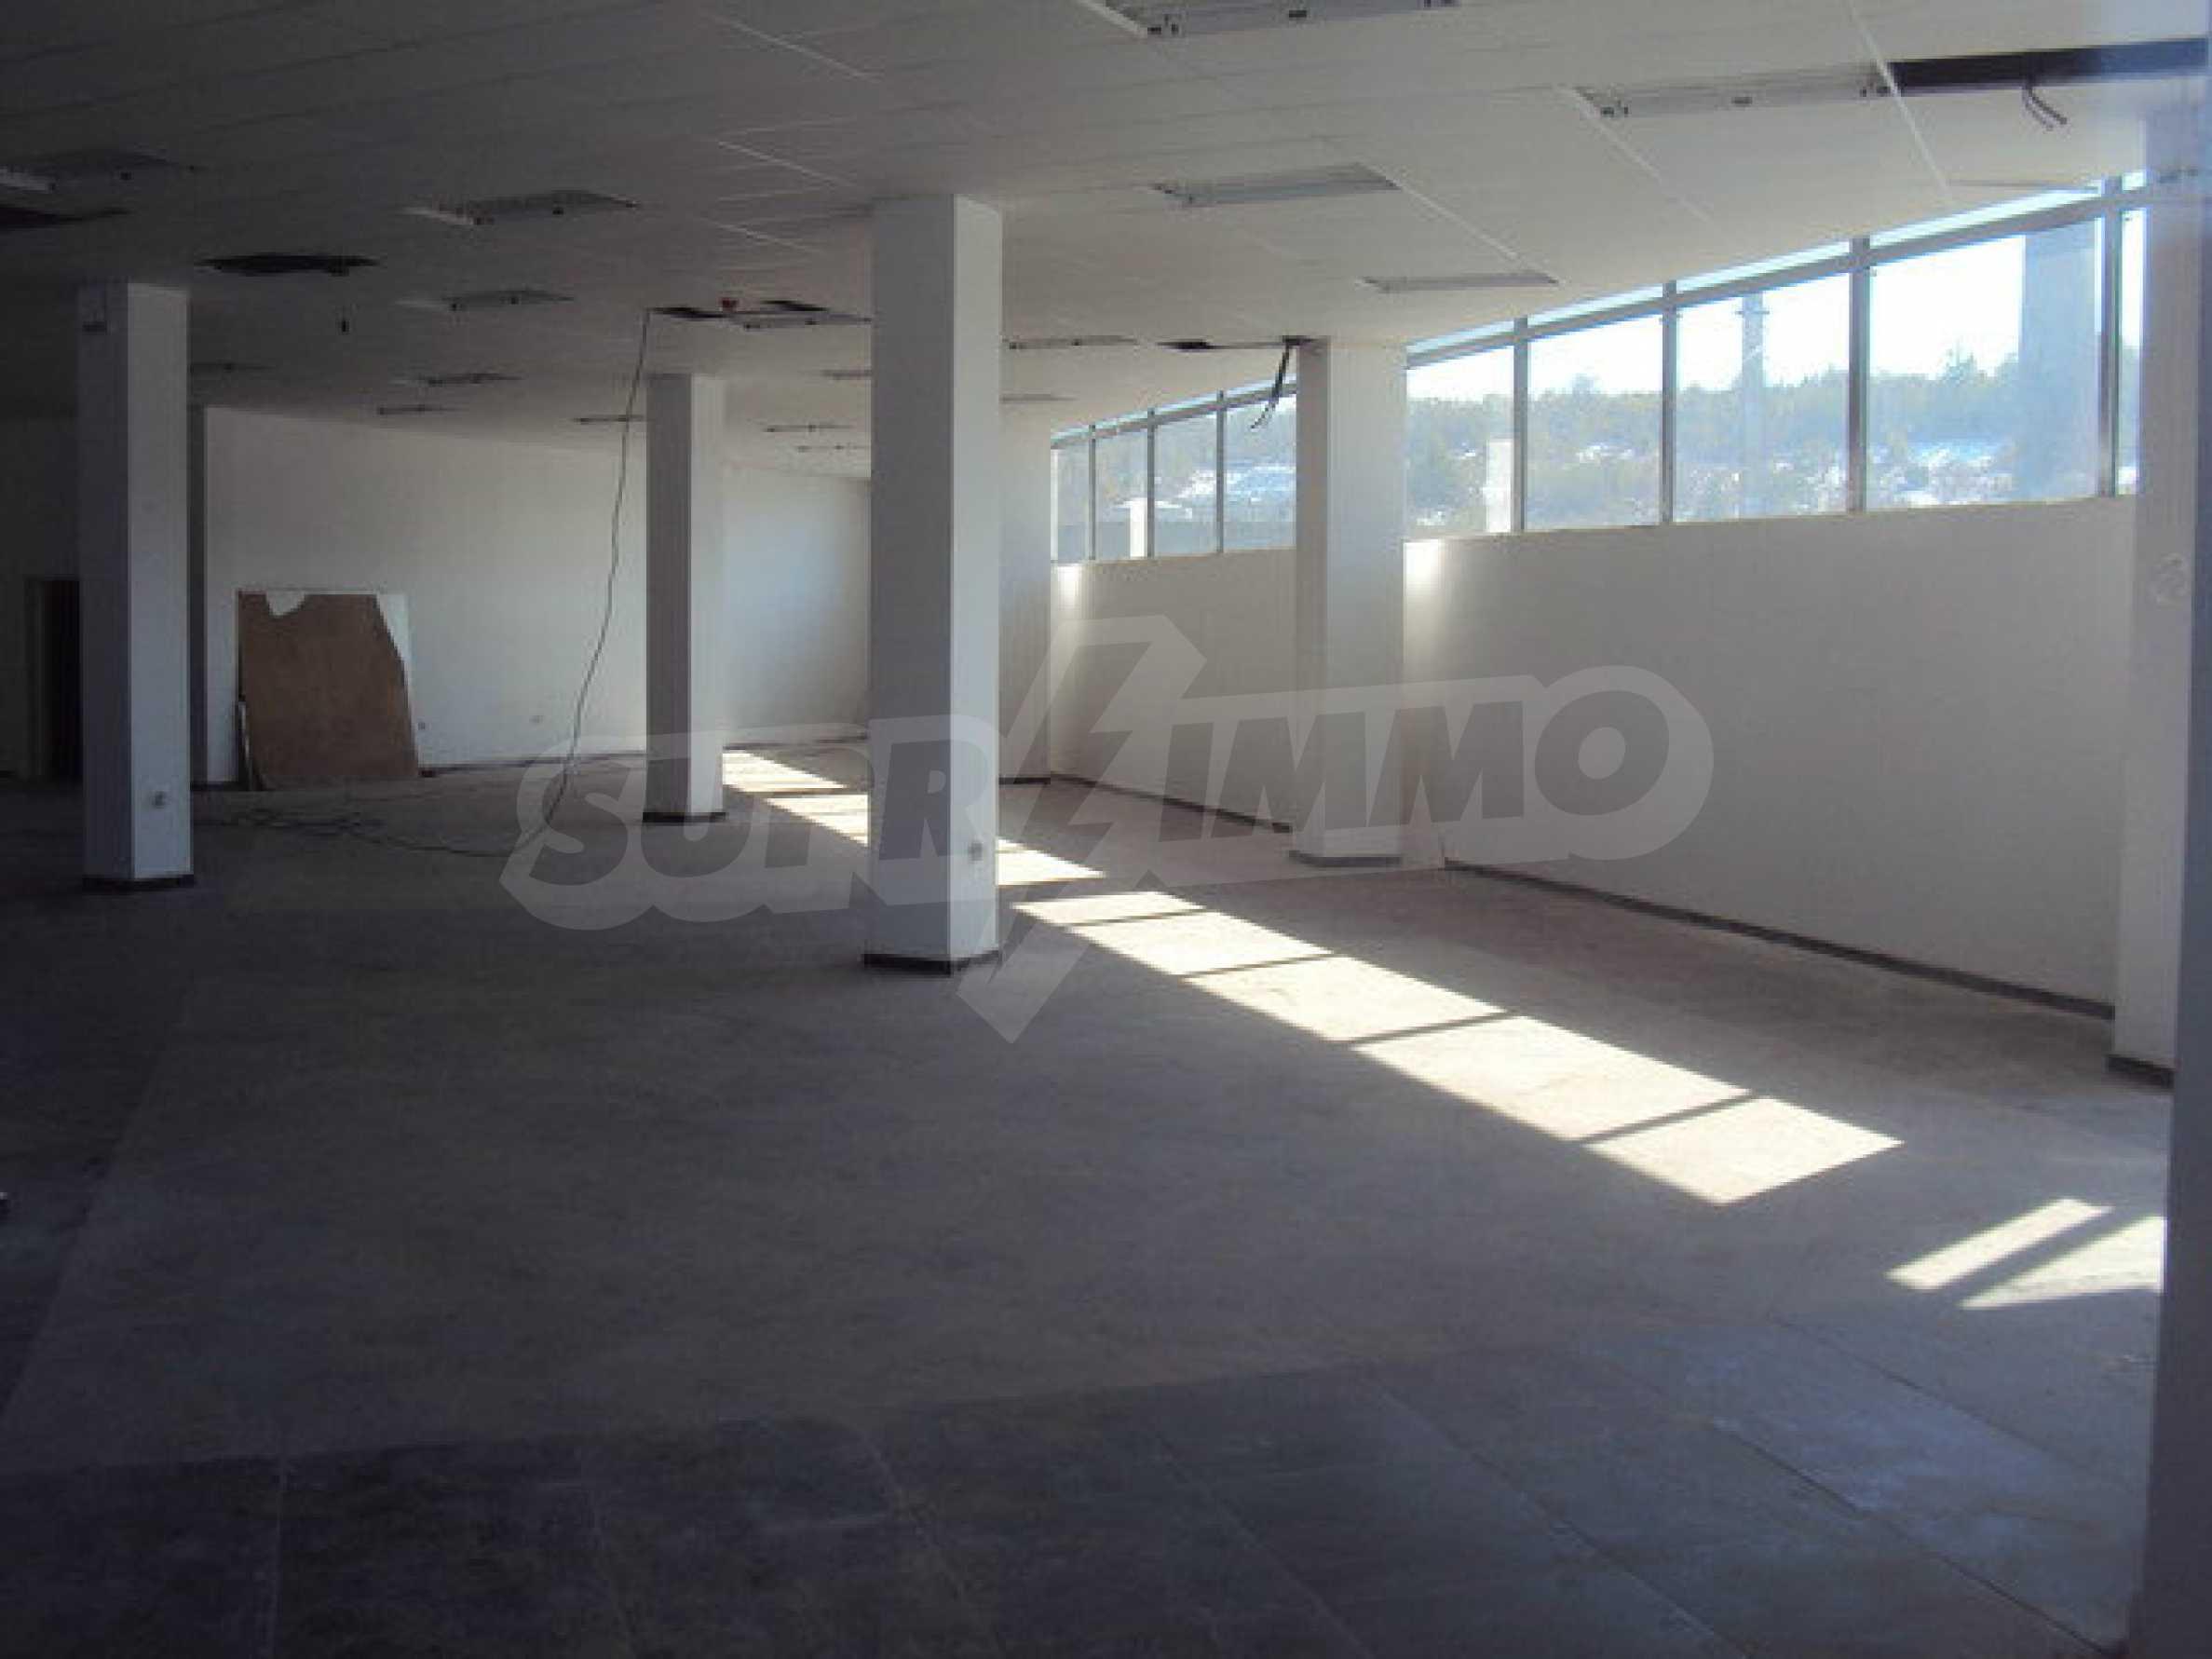 Komplex mit Geschäften, Lagern und Büros 18